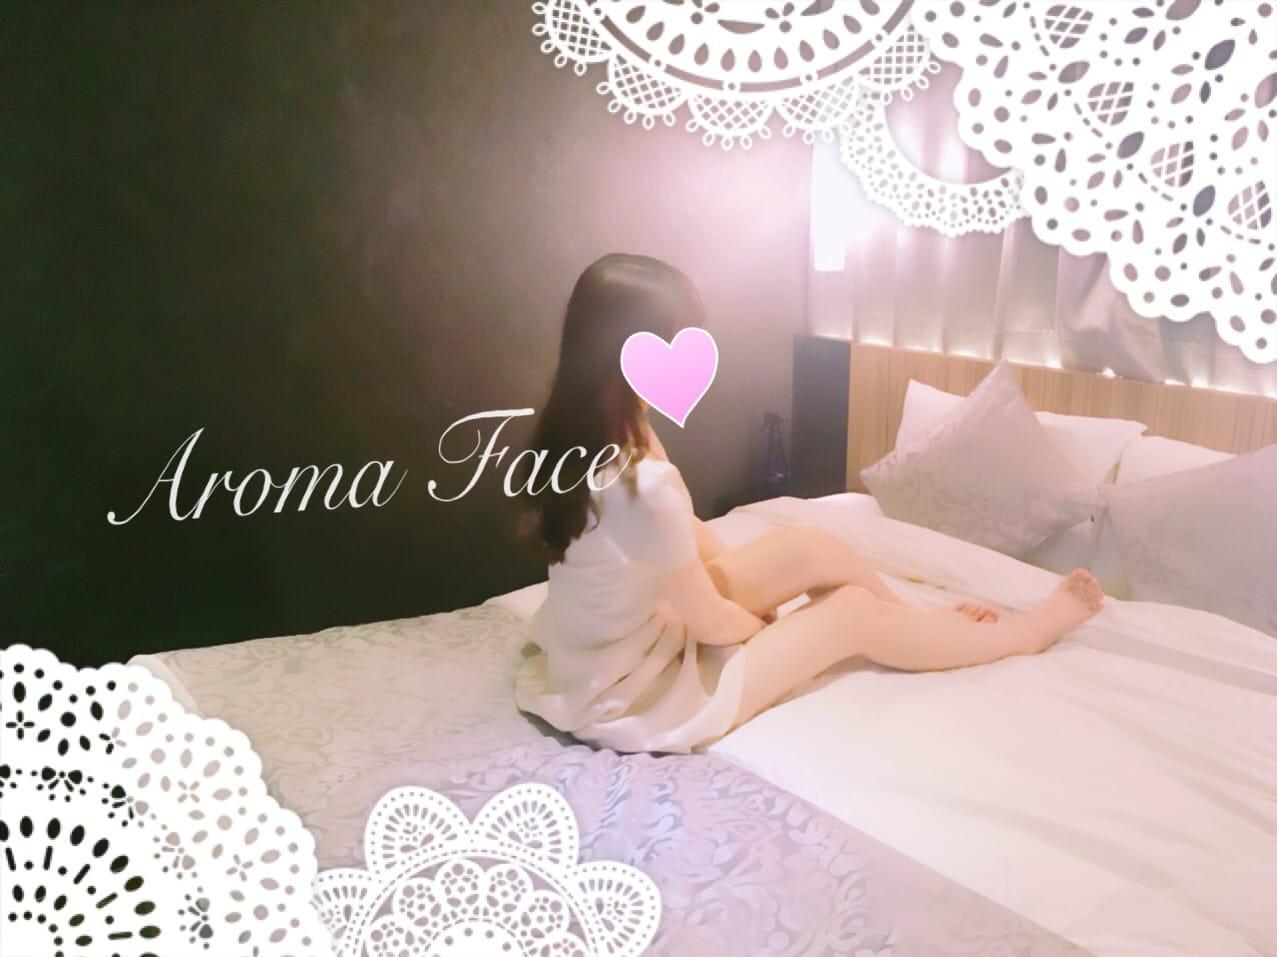 ひめかFACEの可愛いアイドル「シフト?」02/24(土) 22:29 | ひめかFACEの可愛いアイドルの写メ・風俗動画